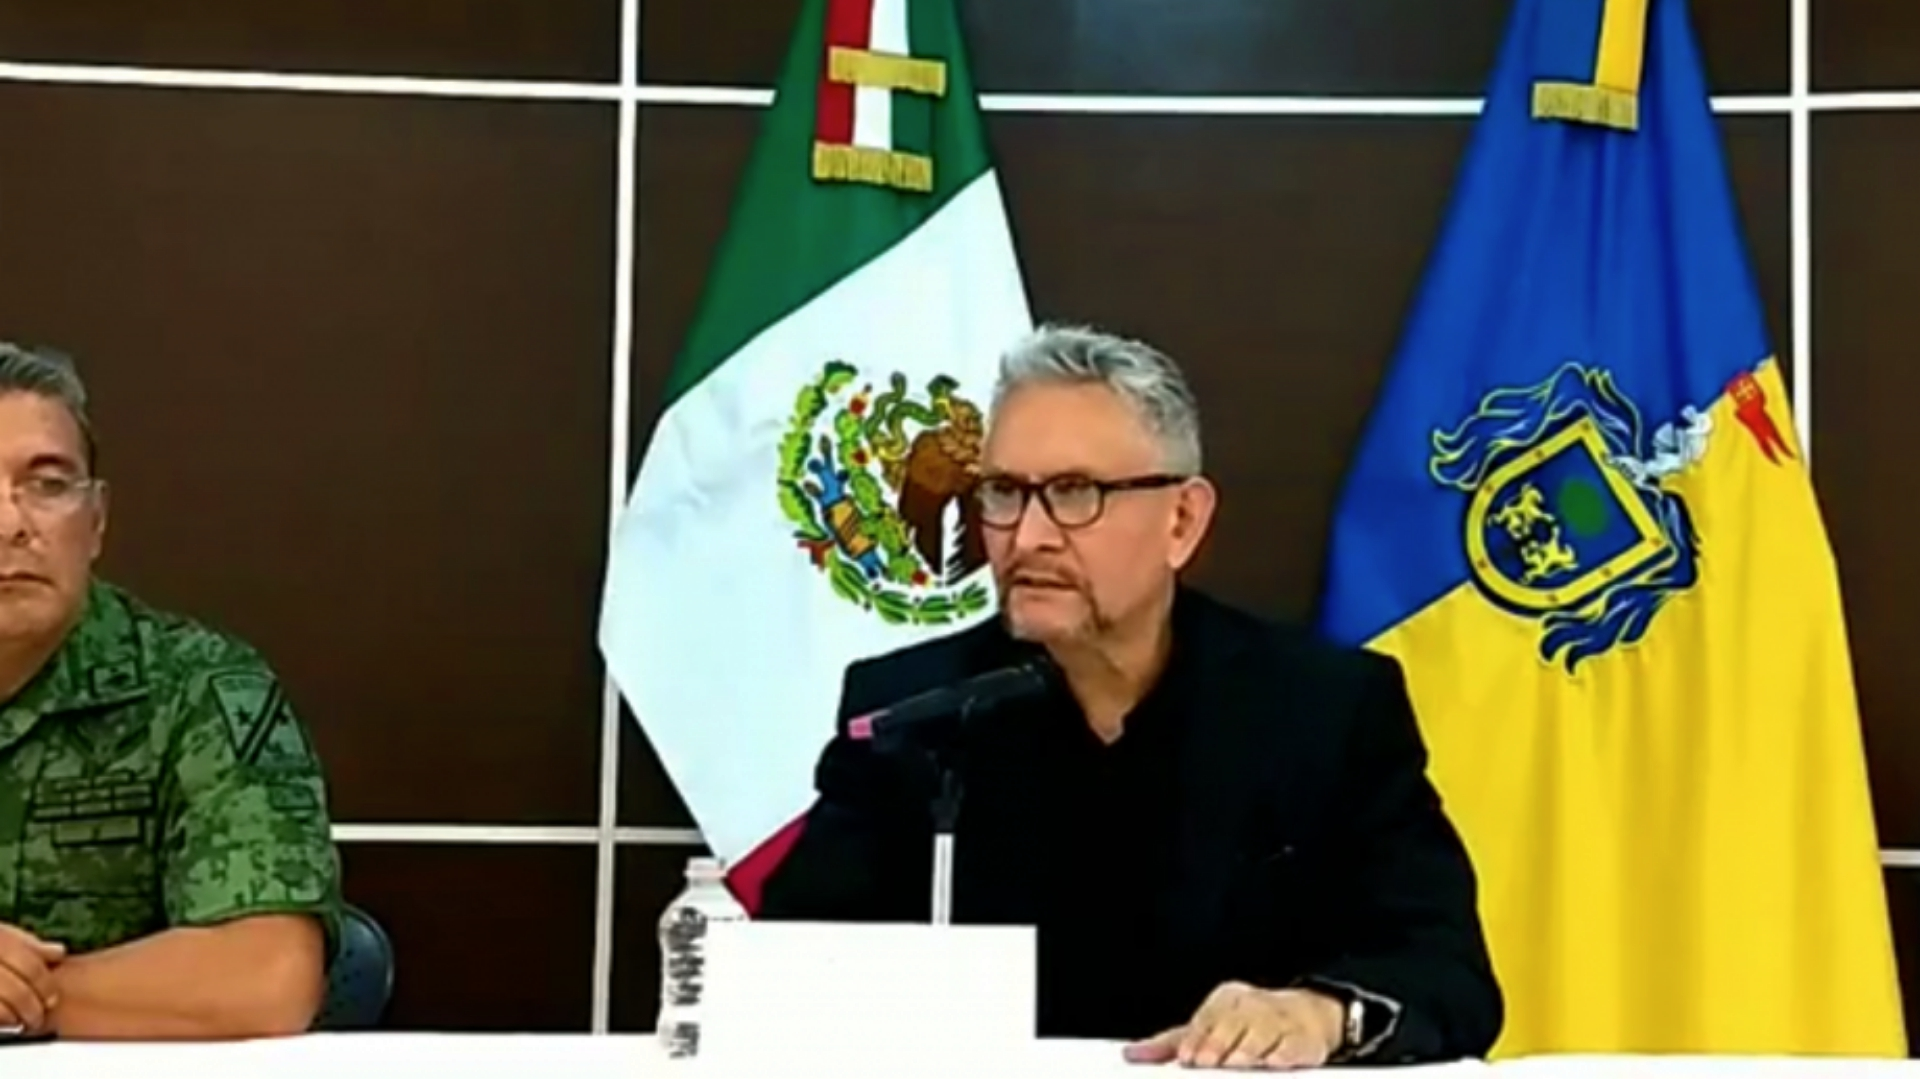 El fiscal de Jalisco dio detalles de este hallazgo en una conferencia de prensa junto con militares (Foto: Facebook)